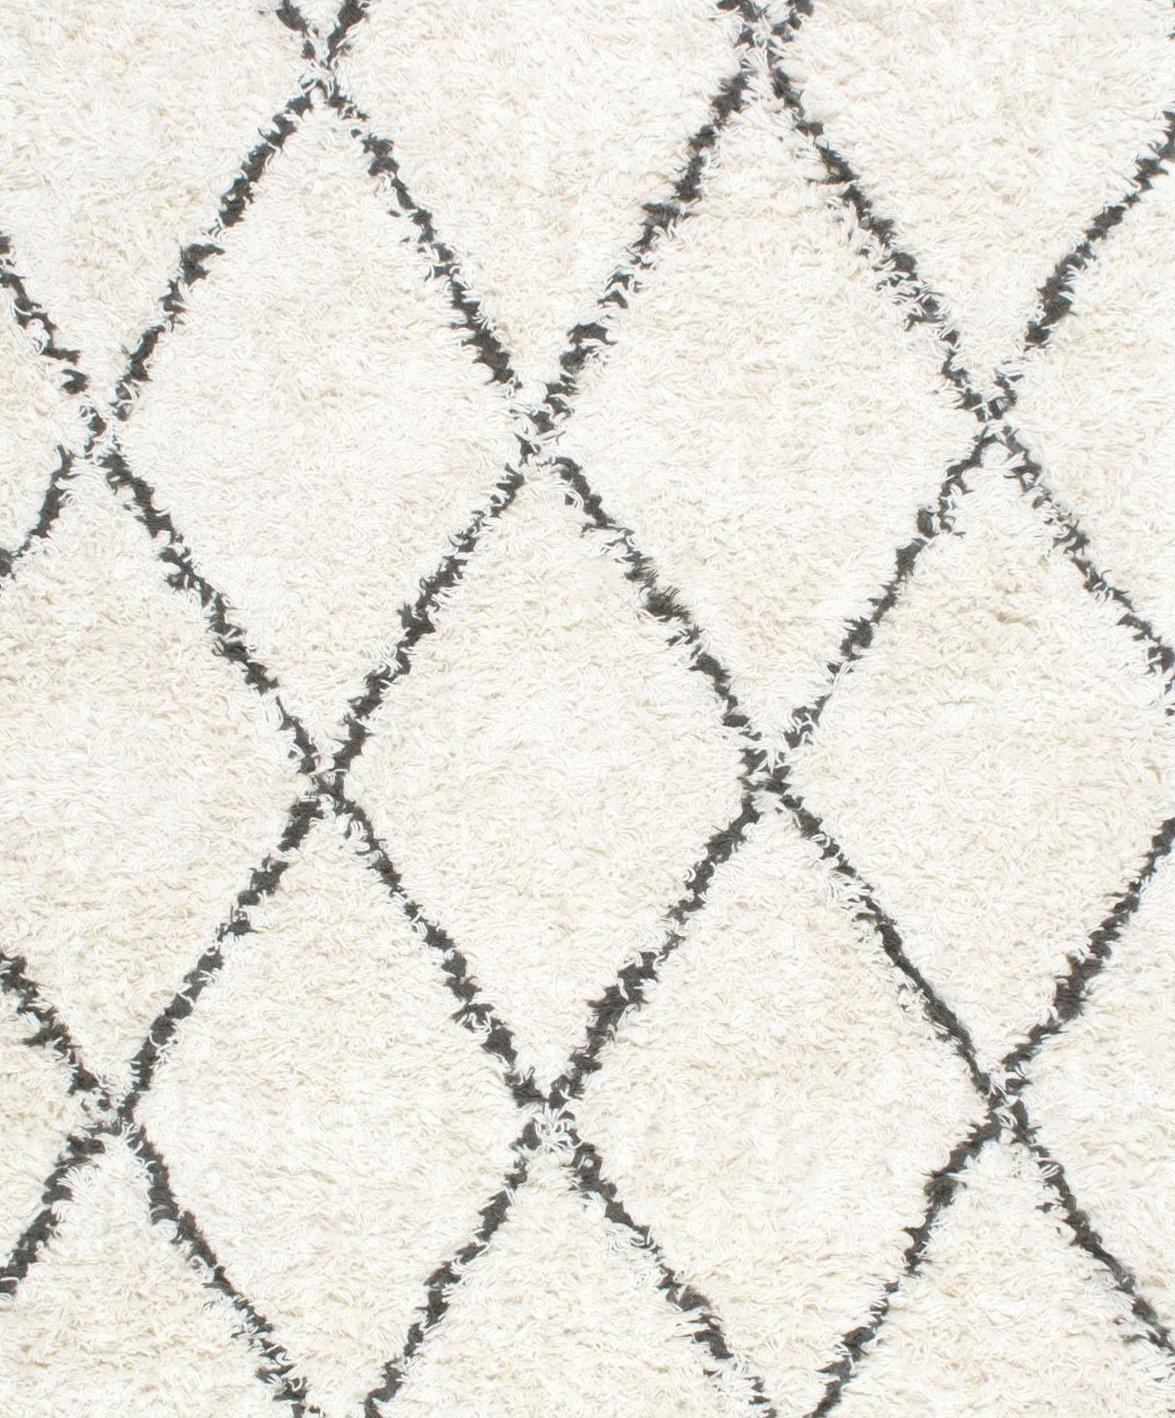 3 x 5 nuLOOM SPRE14A Handmade Fez Shag Rug Natural